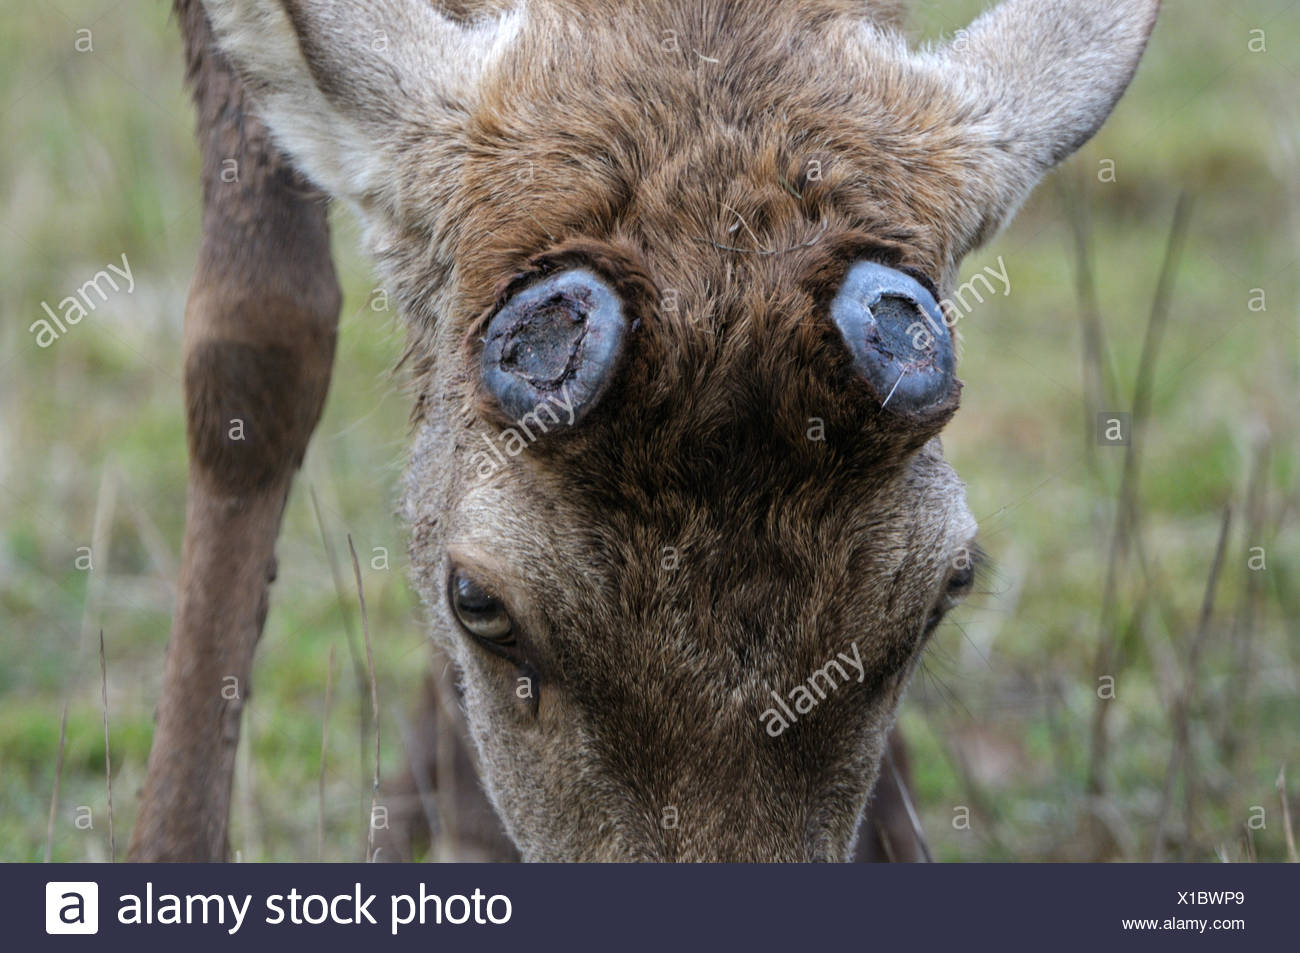 Red deer, antlers, antler, Cervid, bast, velvet, deer, spring, dropped, animal, animals, Germany, Europe, - Stock Image